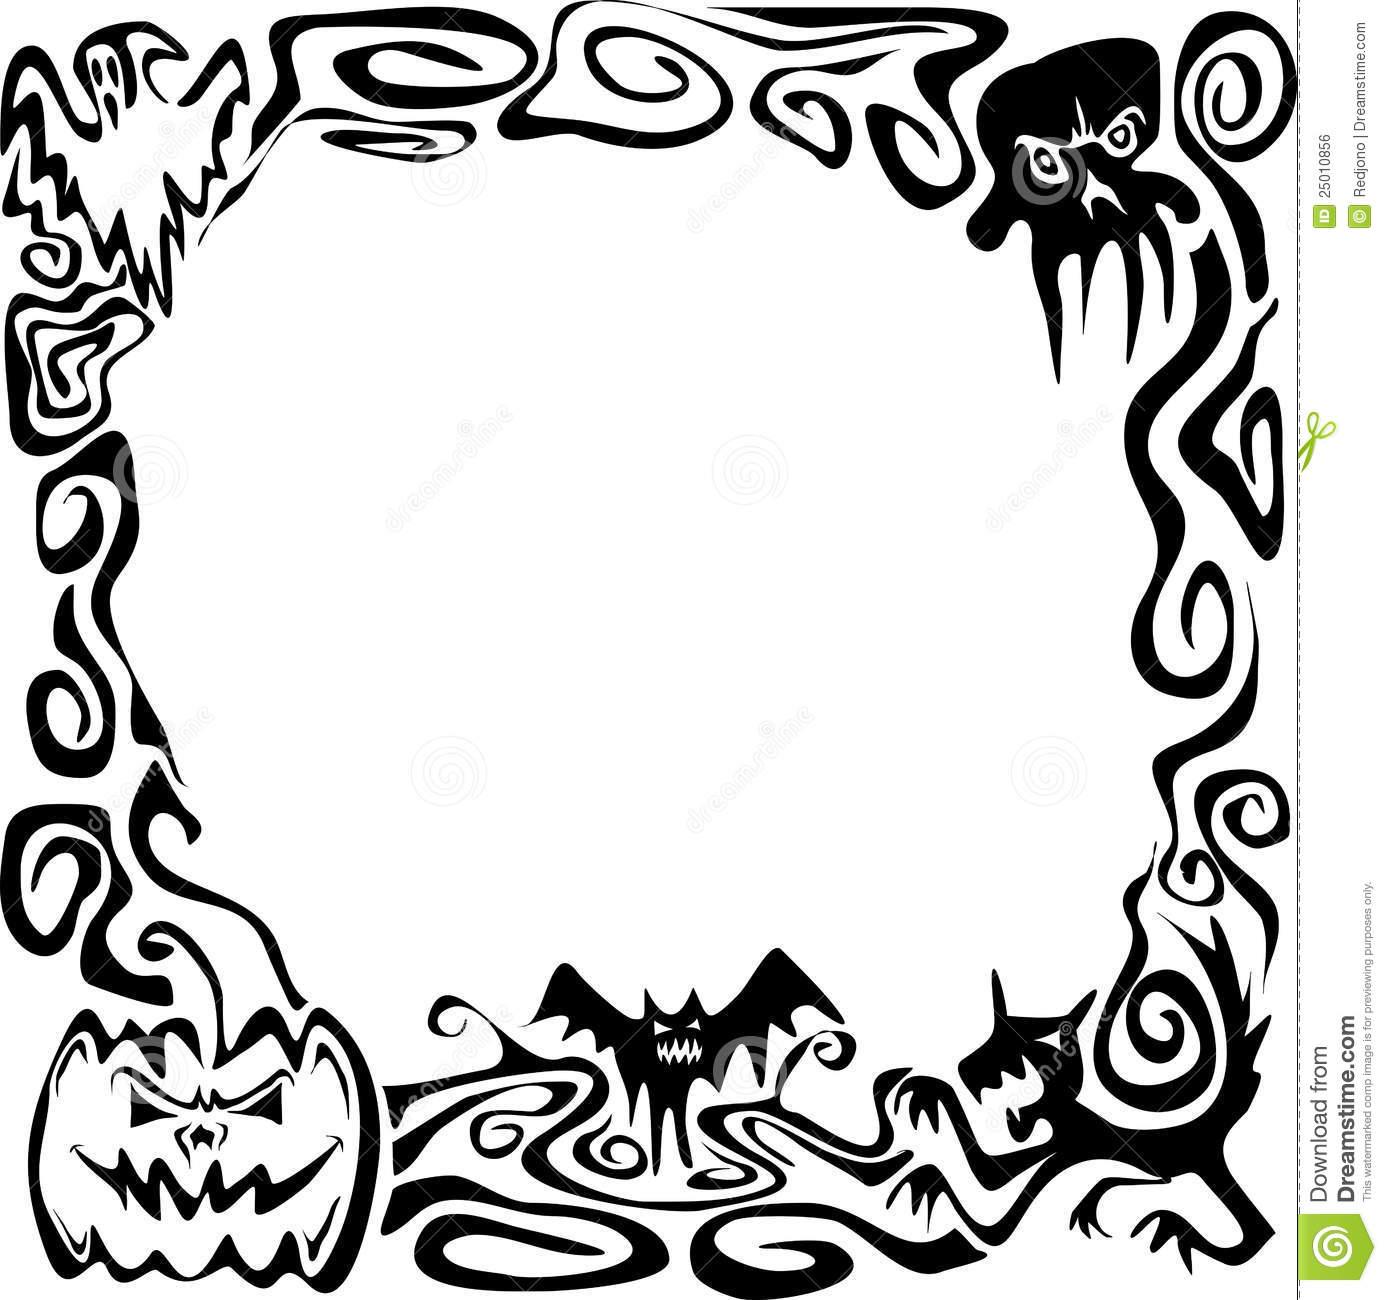 1387x1300 Halloween Border Black And White Photo Album